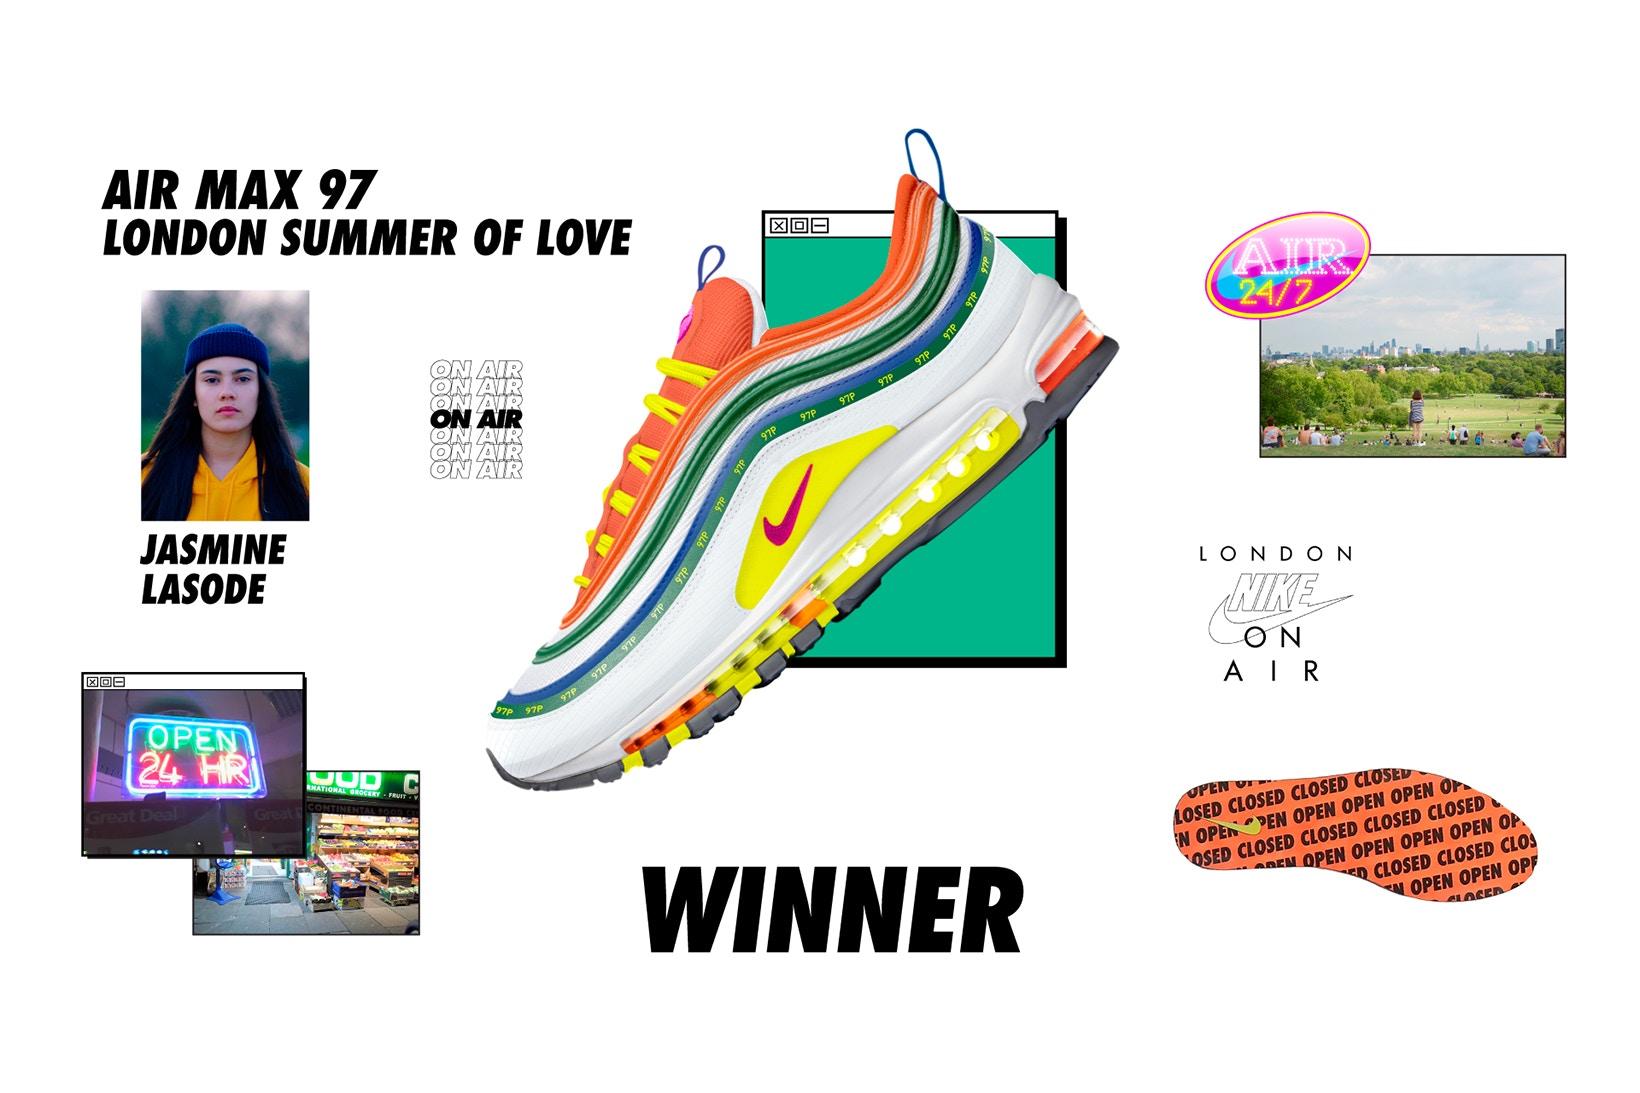 nike-on-air-2018-contest-winners-1.jpg